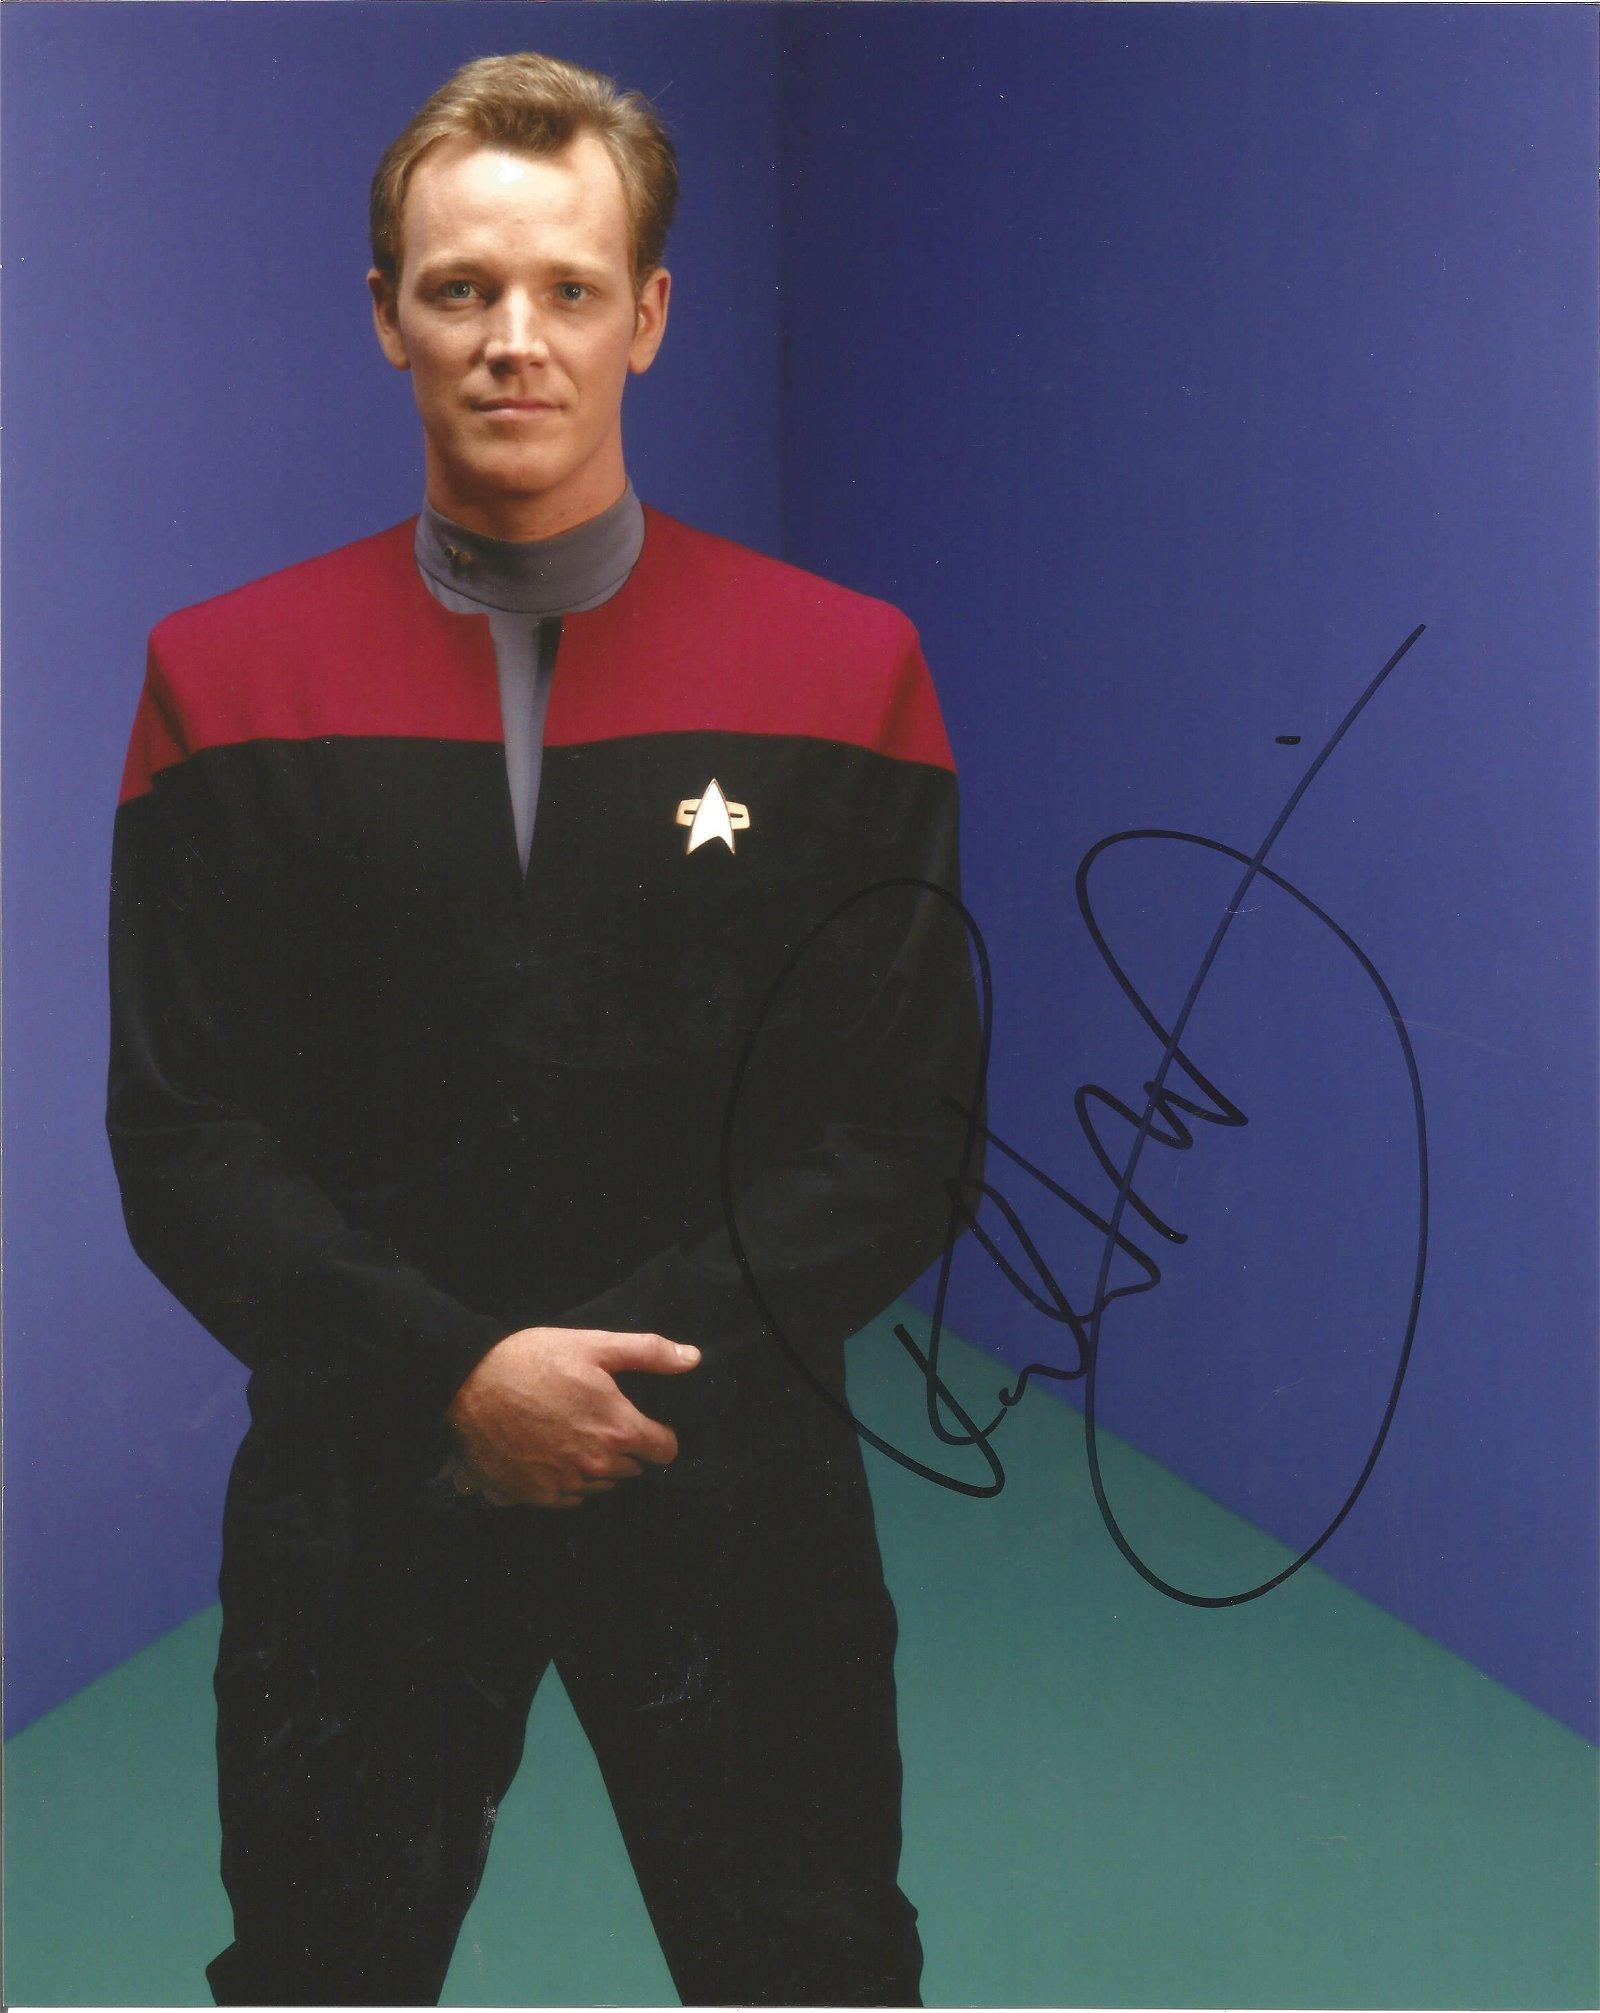 Star Trek Robert Duncan McNeill signed 10x8 colour